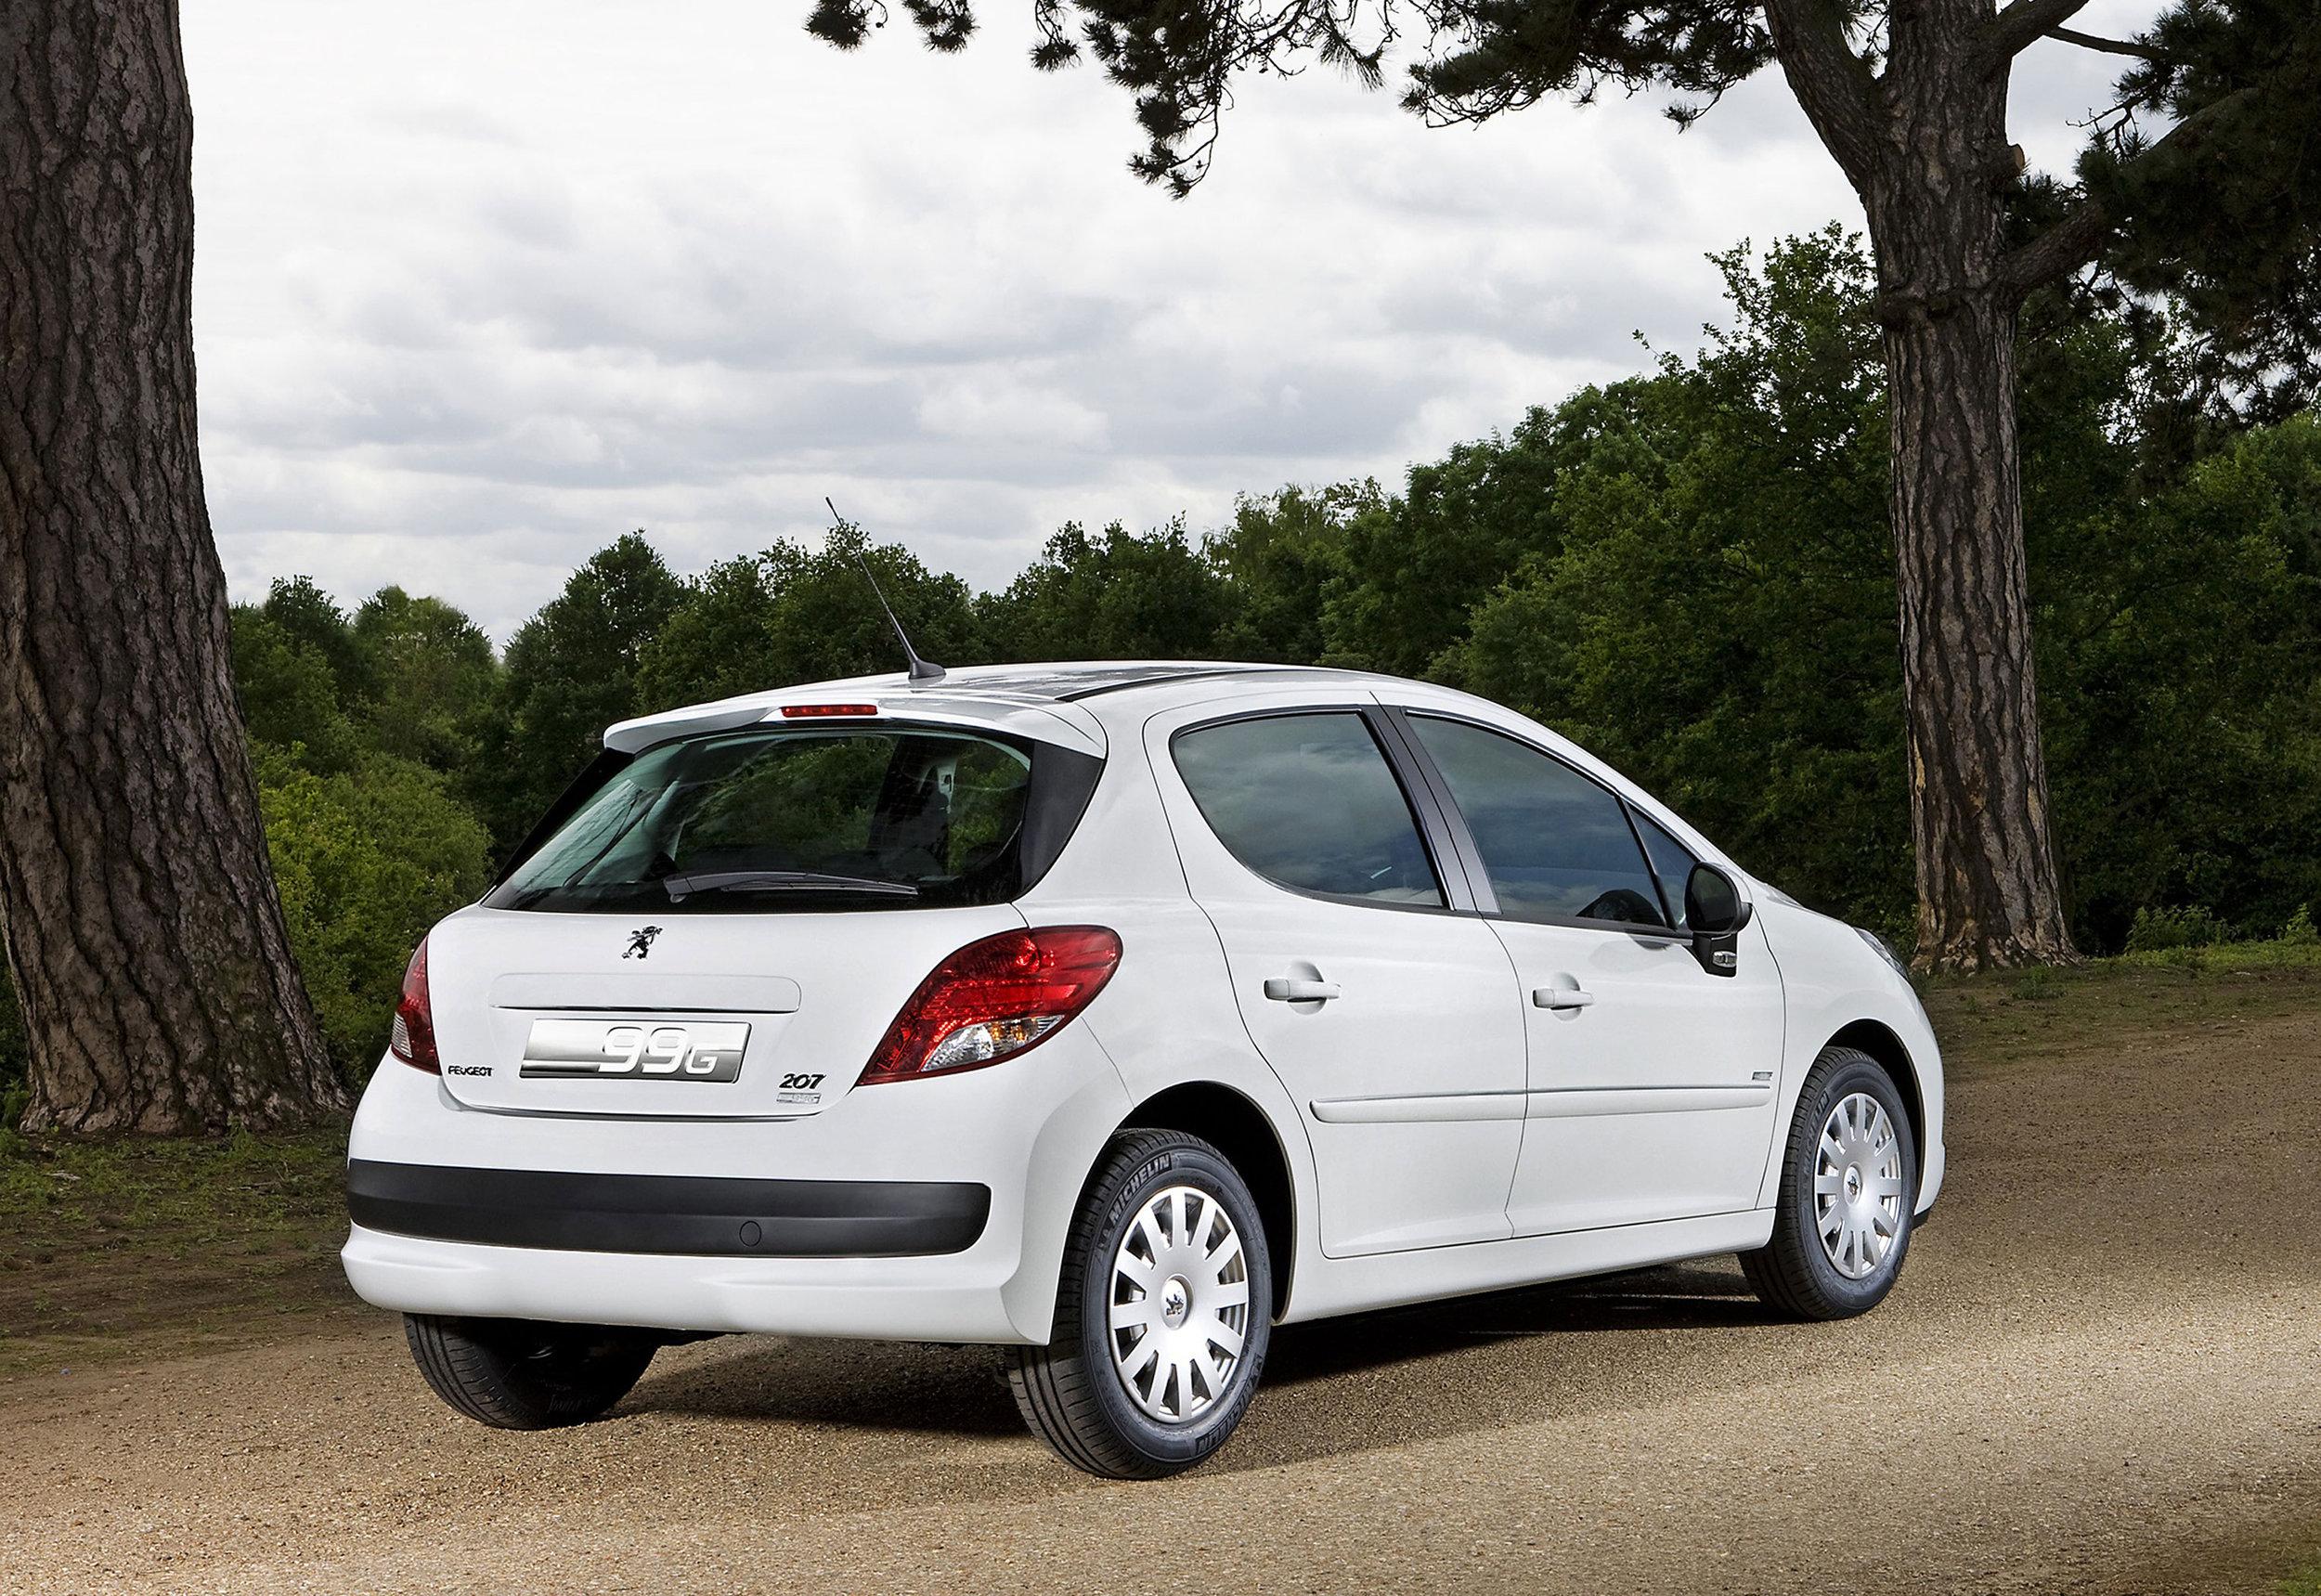 Peugeot 207 20.jpg